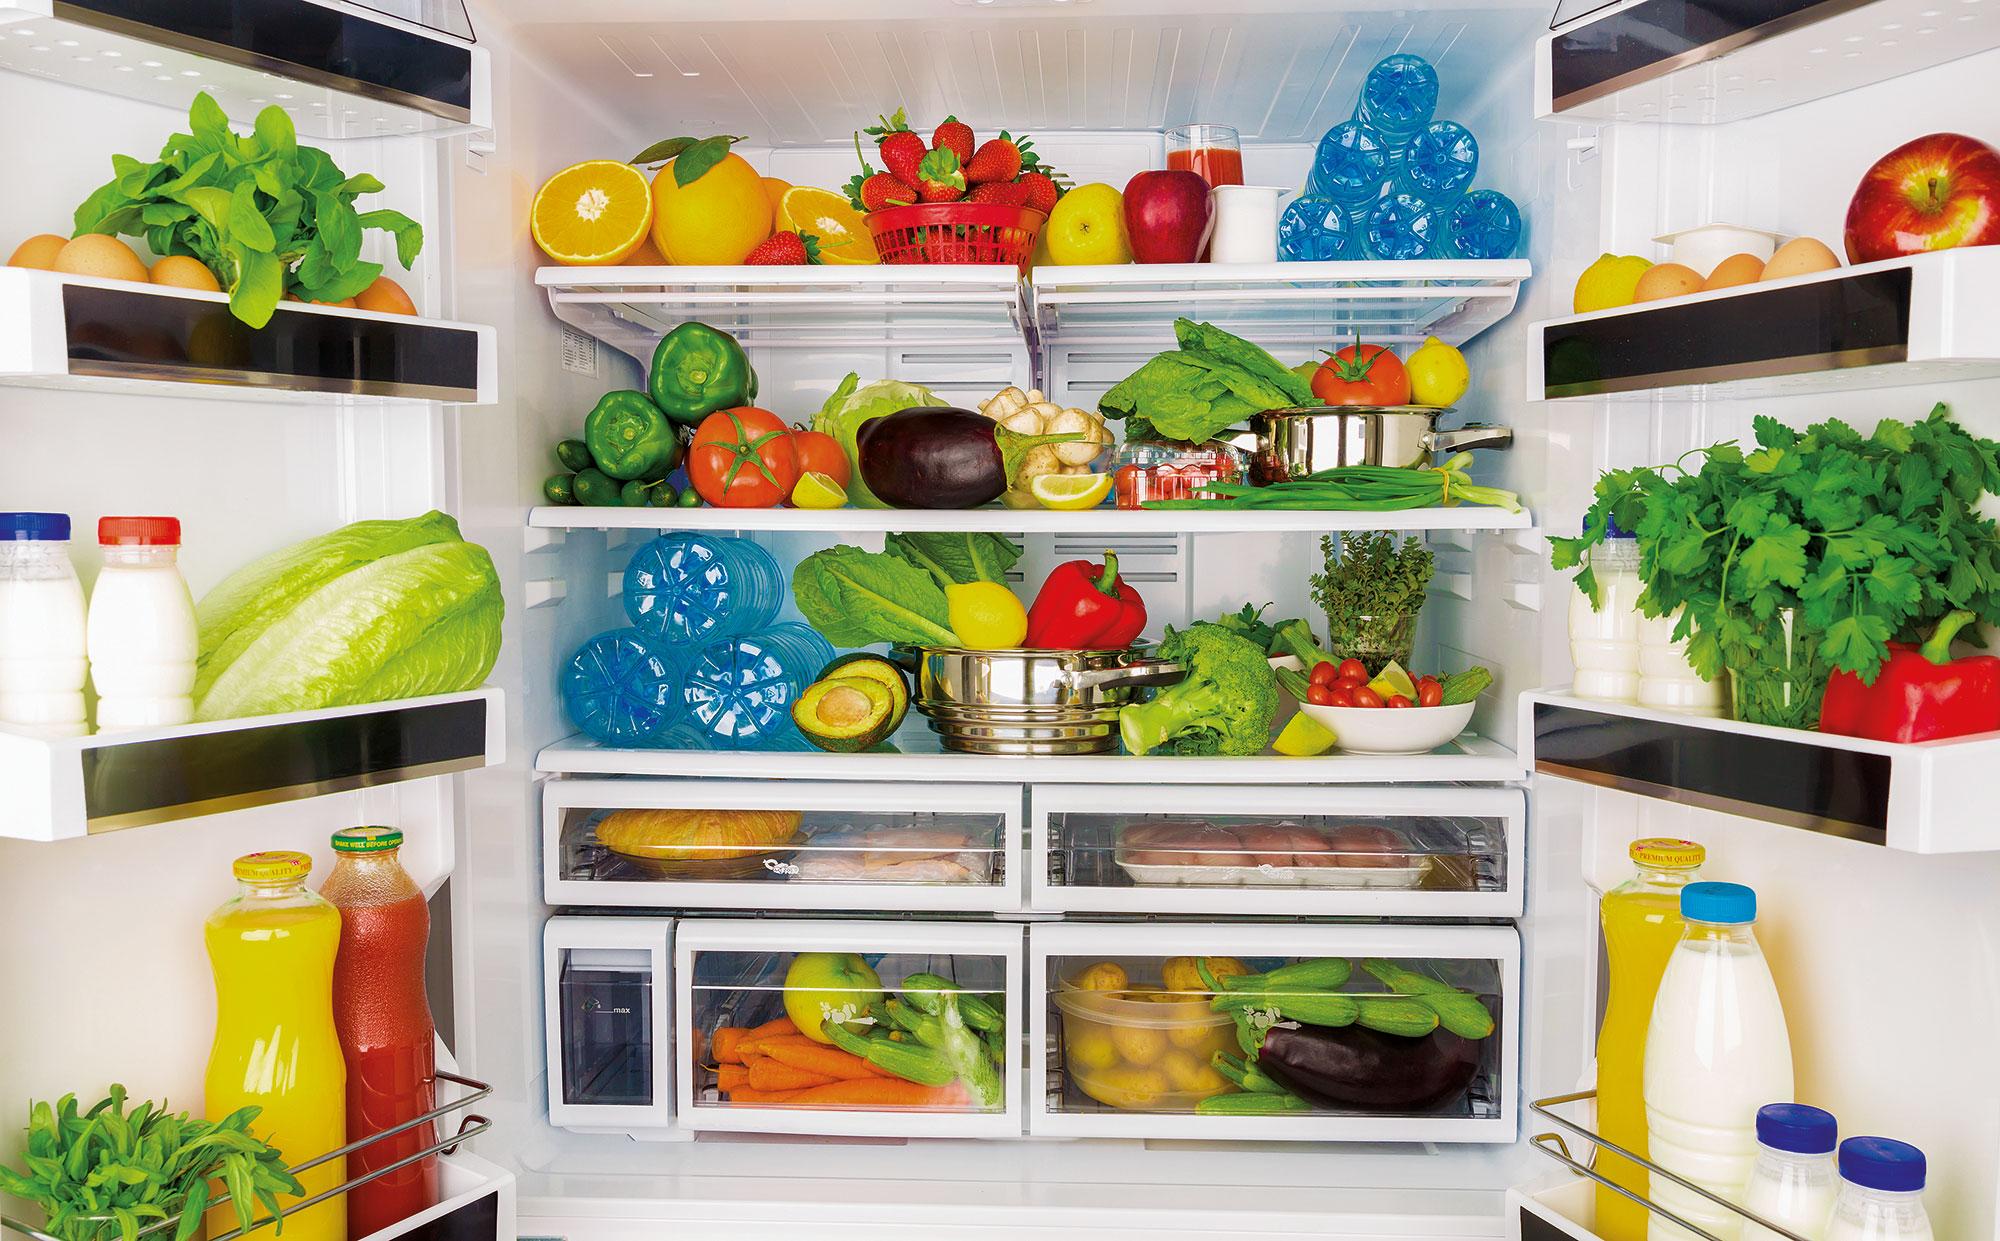 Kühlschrank Zubehör : Kühlschrank u thermostate wasserfilter und zubehör espo electronic